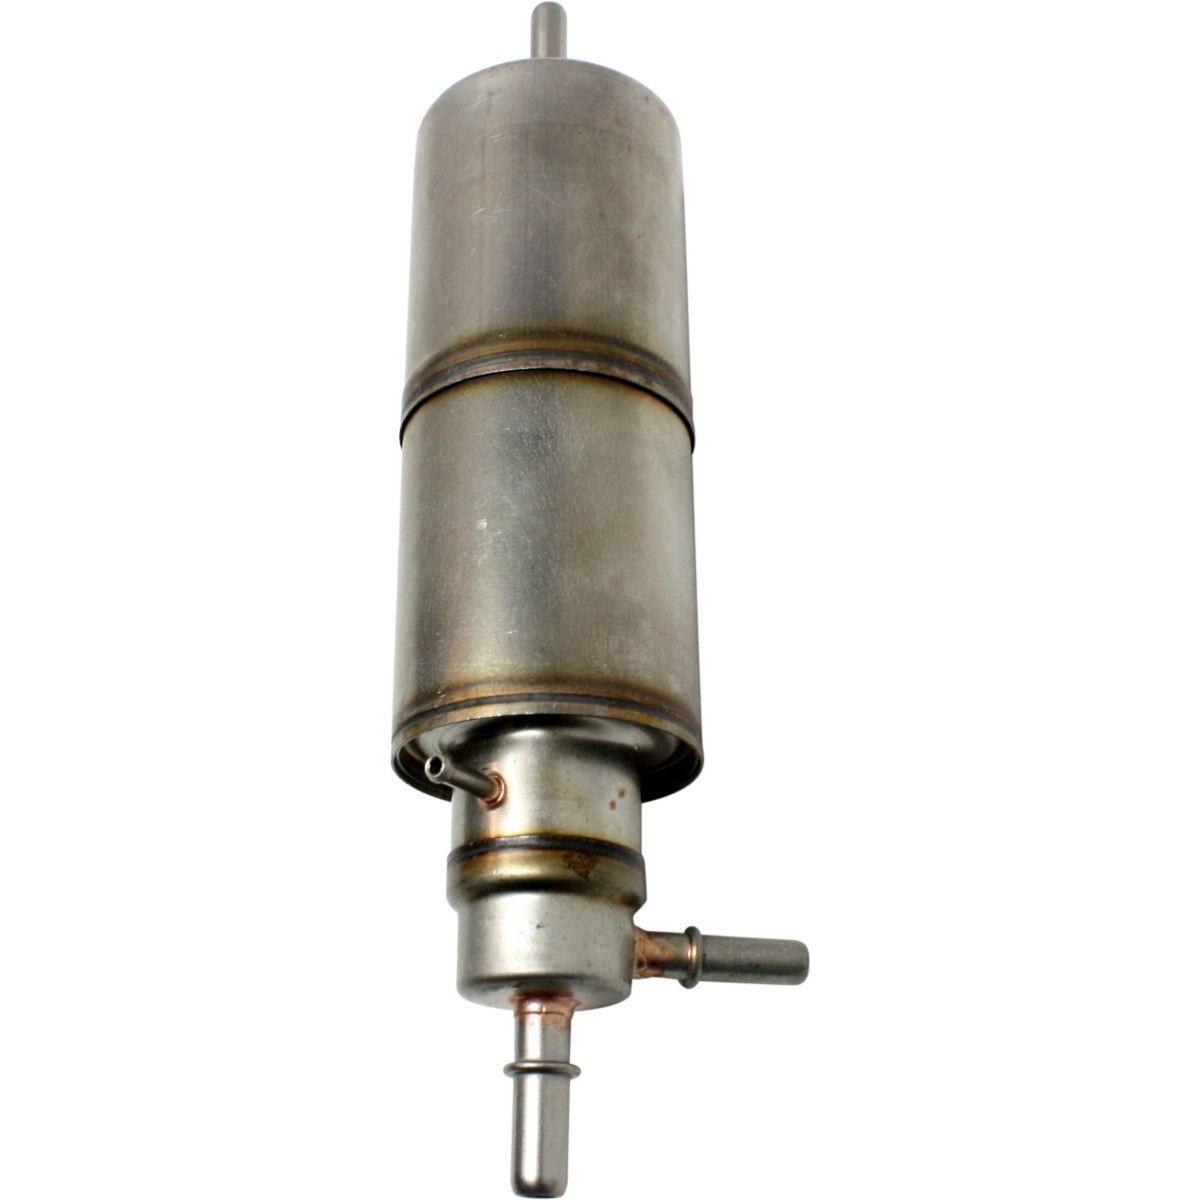 La sustitución del filtro de combustible el volkswagen tiguan 1.4 gasolina del vídeo